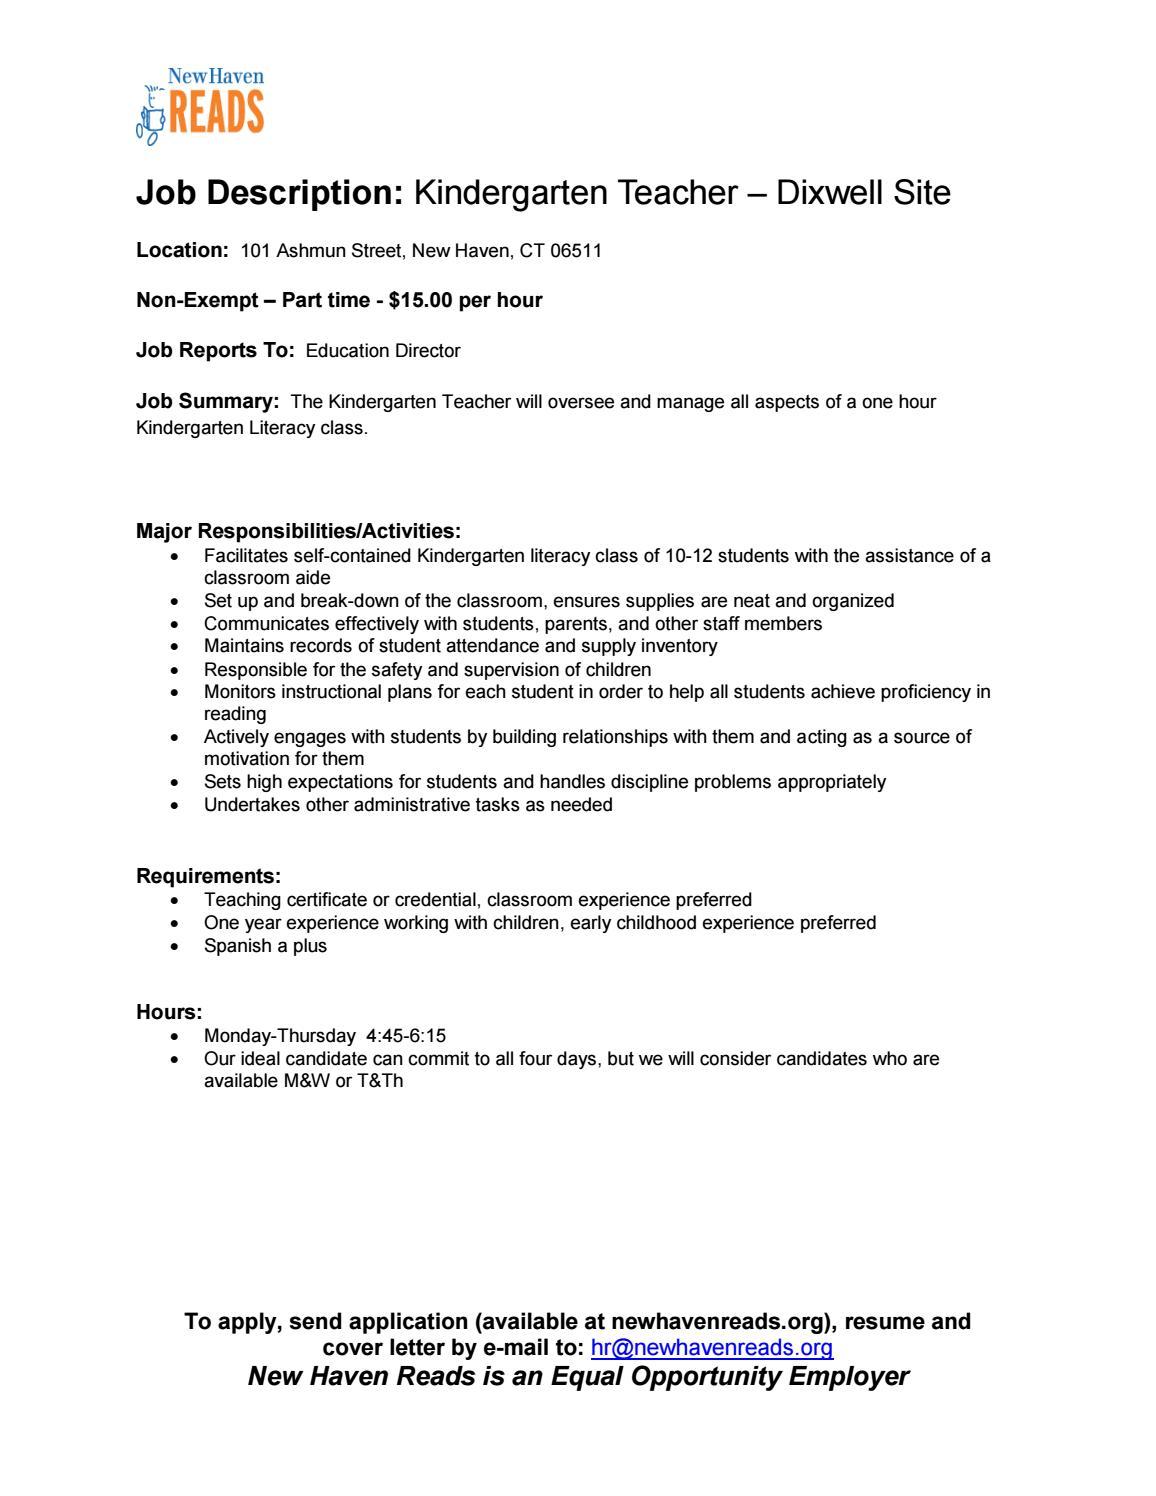 Job Description Kindergarten Teacher Dixwell By New Haven Reads